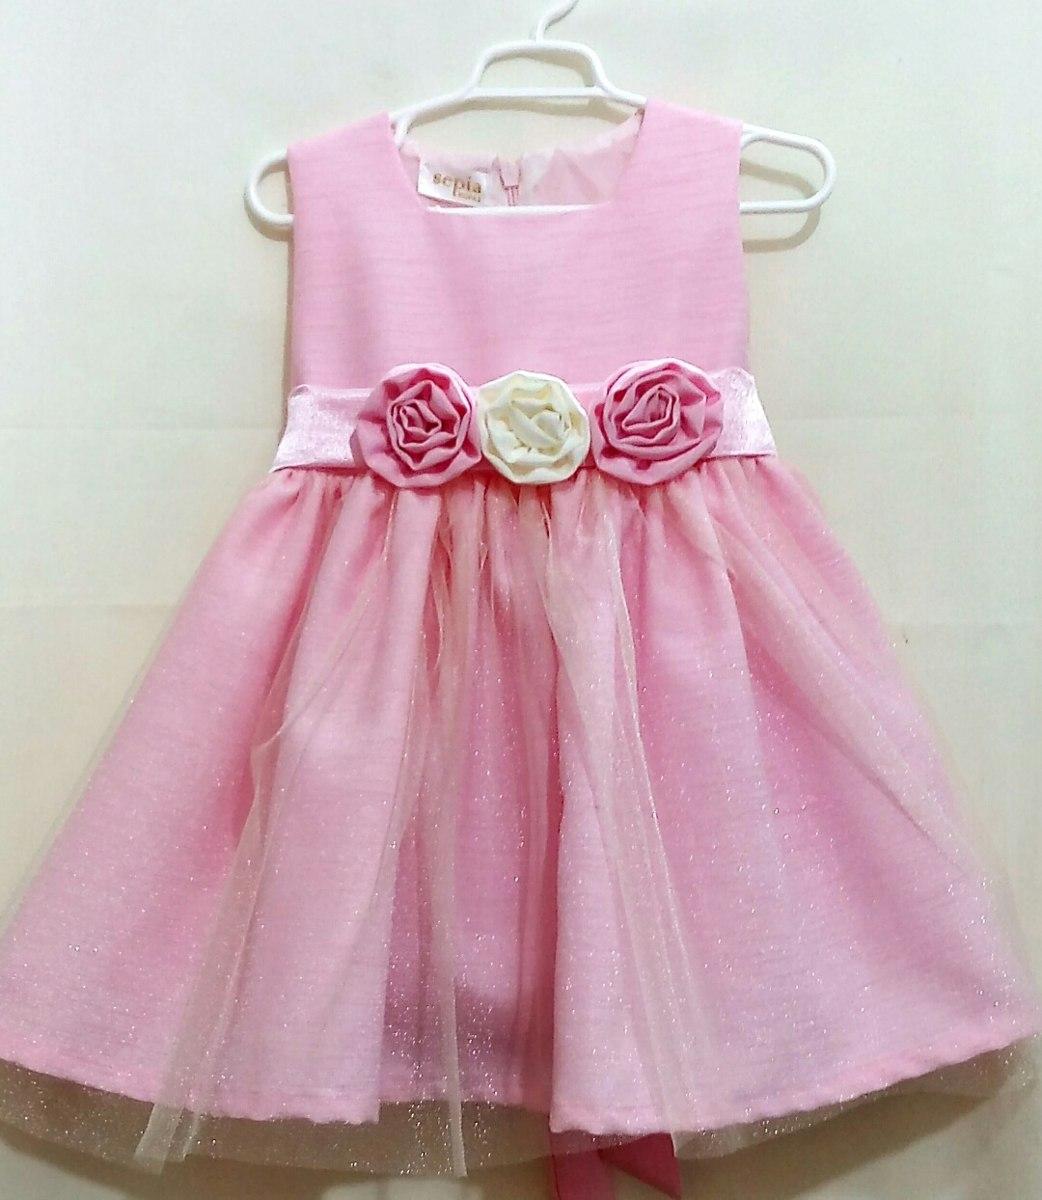 Anticuado Vestido De Fiesta Para El Bebé Ideas Ornamento Elaboración ...